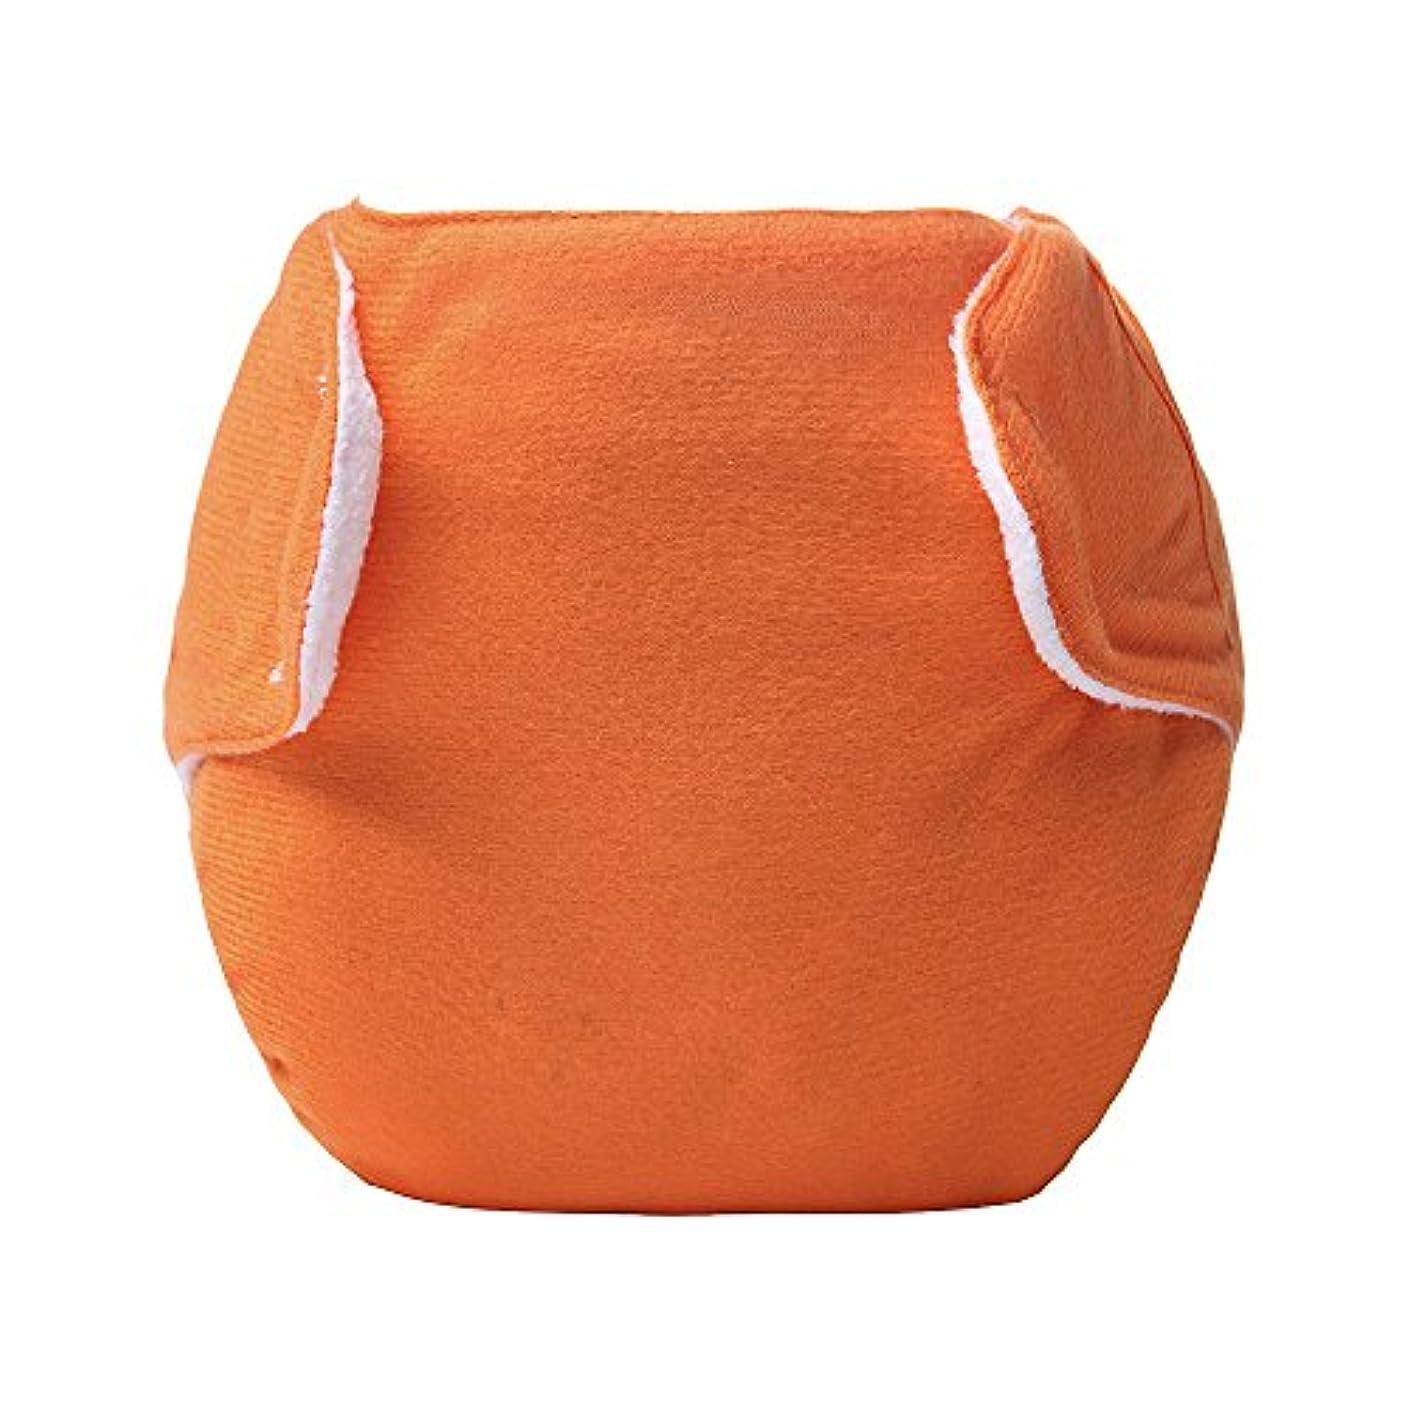 克服する延期する節約する洗濯可能なフック&ループ リークプルーフメッシュベビーおむつ 布のおむつ オレンジ